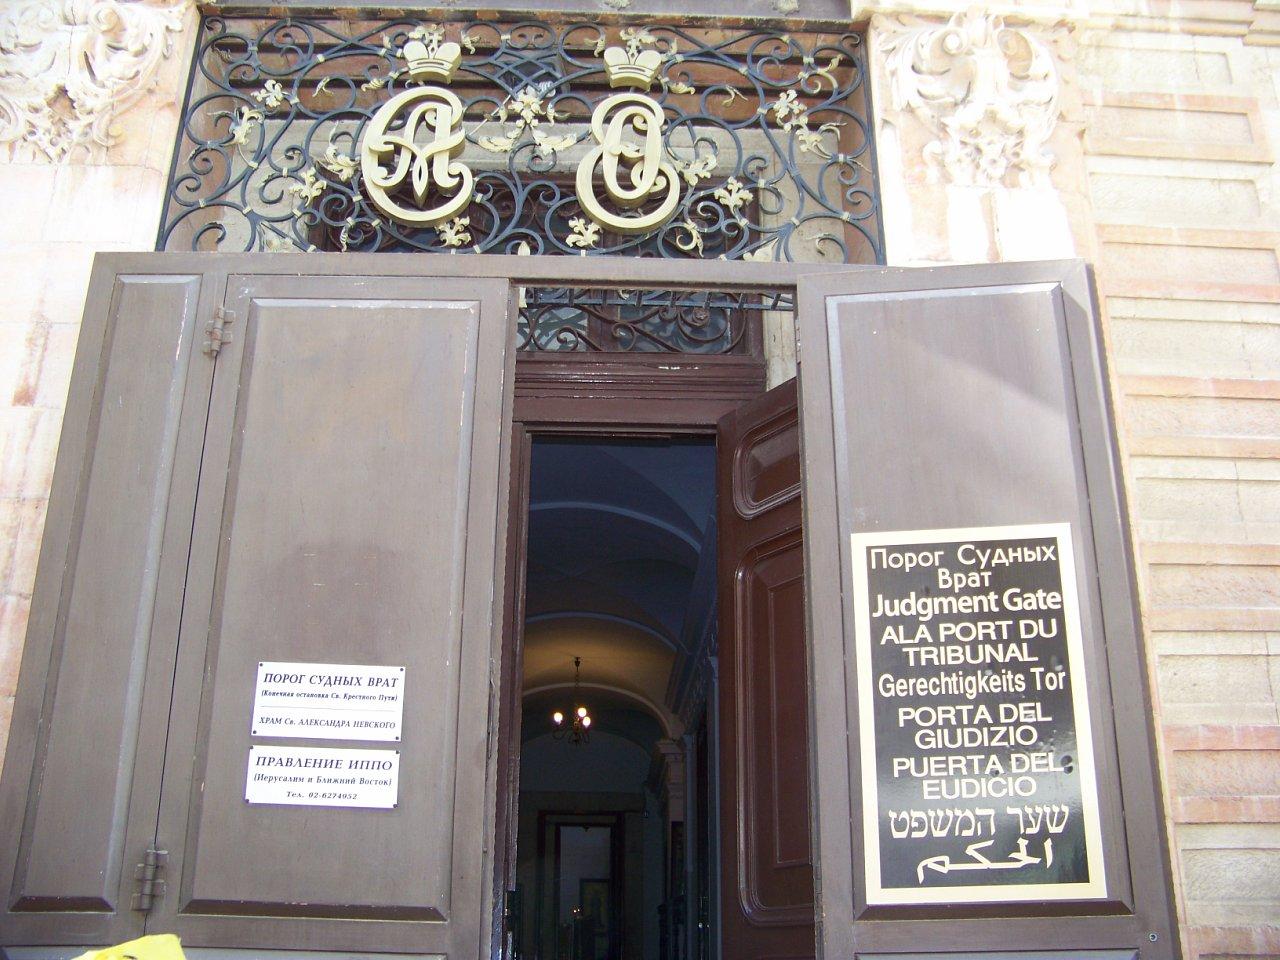 Здесь были ворота, когда Иисуса вели на казнь.... Блиц: арки и ворота